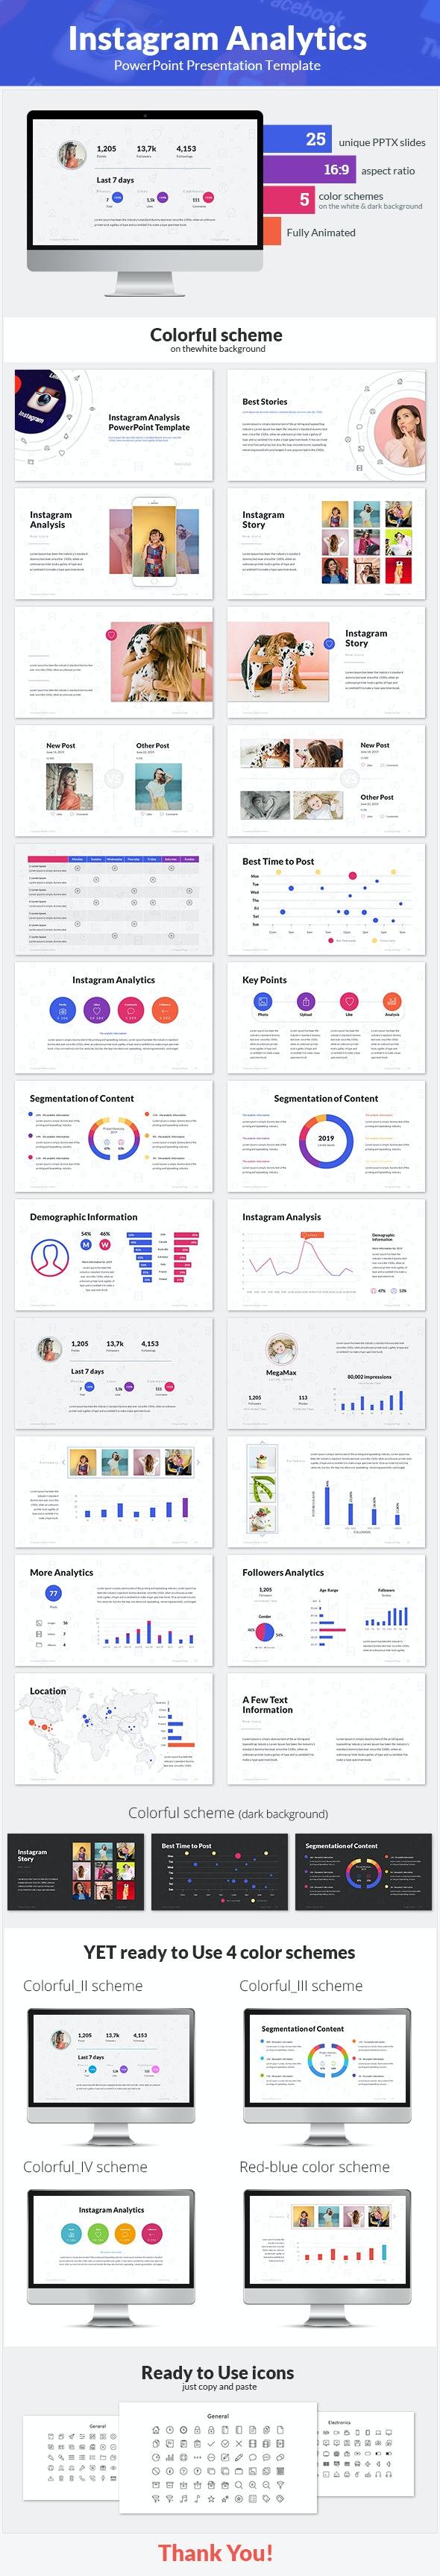 Instagram Analytics PowerPoint Presentation Template - PowerPoint Templates Presentation Templates